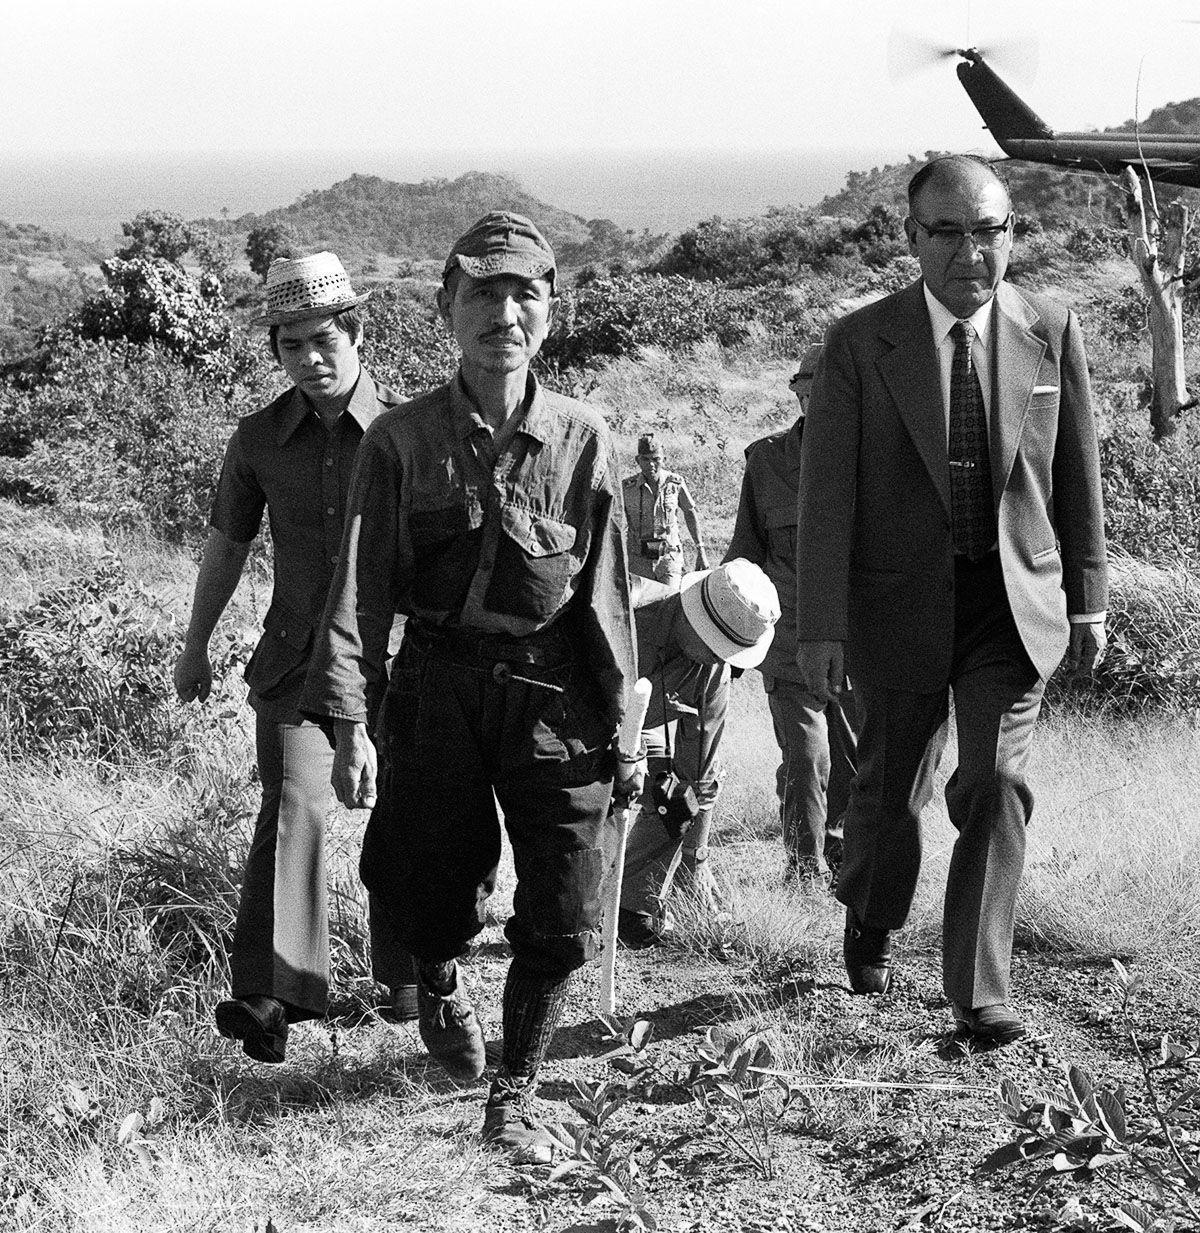 Após o término da Segunda Guerra Mundial, um soldado japonês se recusou a se render por 3 décadas 04